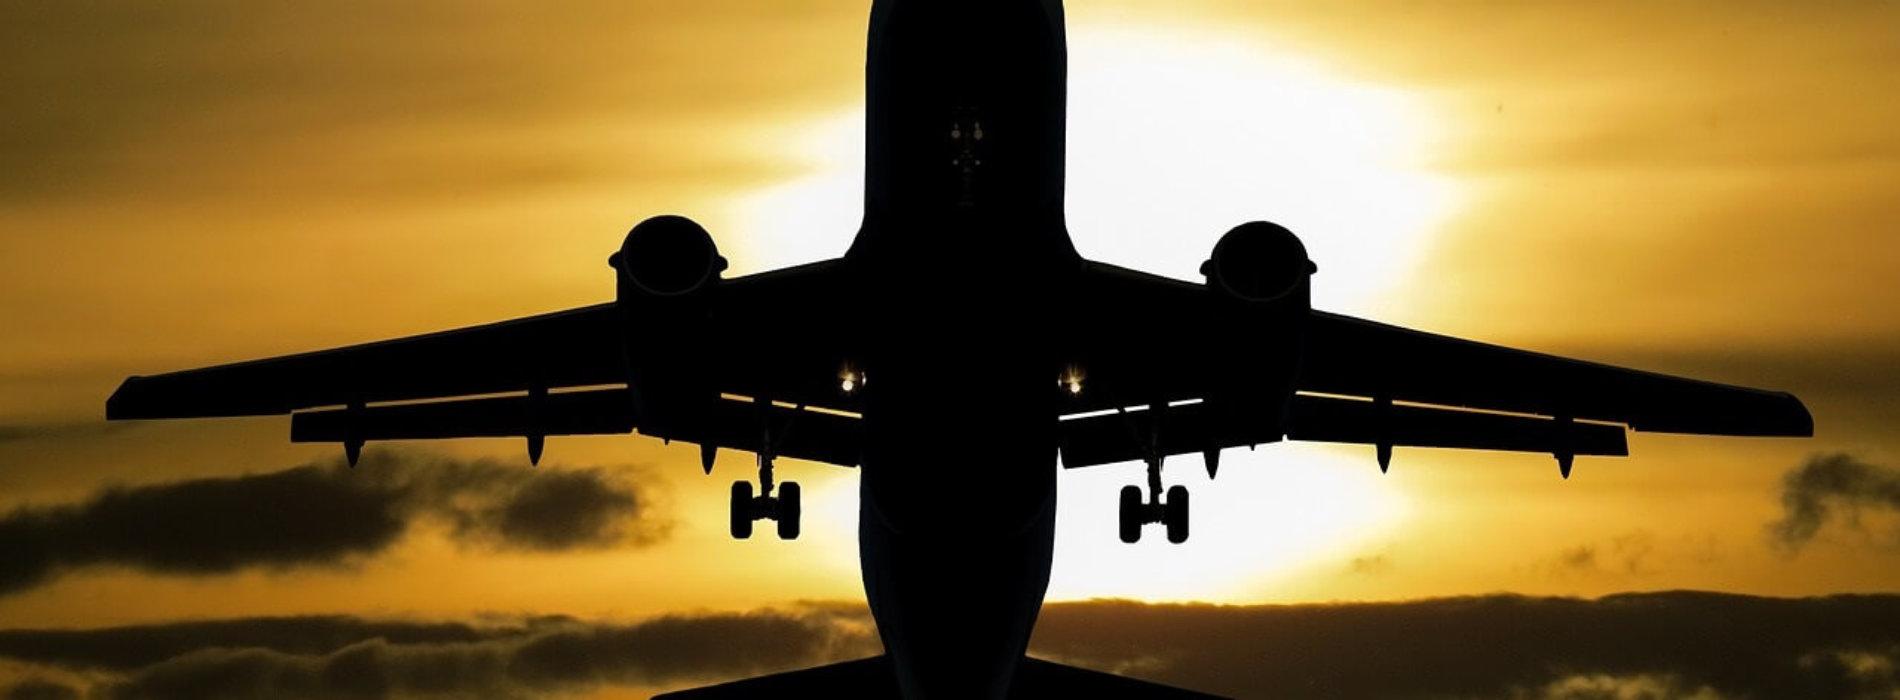 INCENTIVE Travel, czyli jak zjednać sobie przychylność kluczowych kontrahentów?